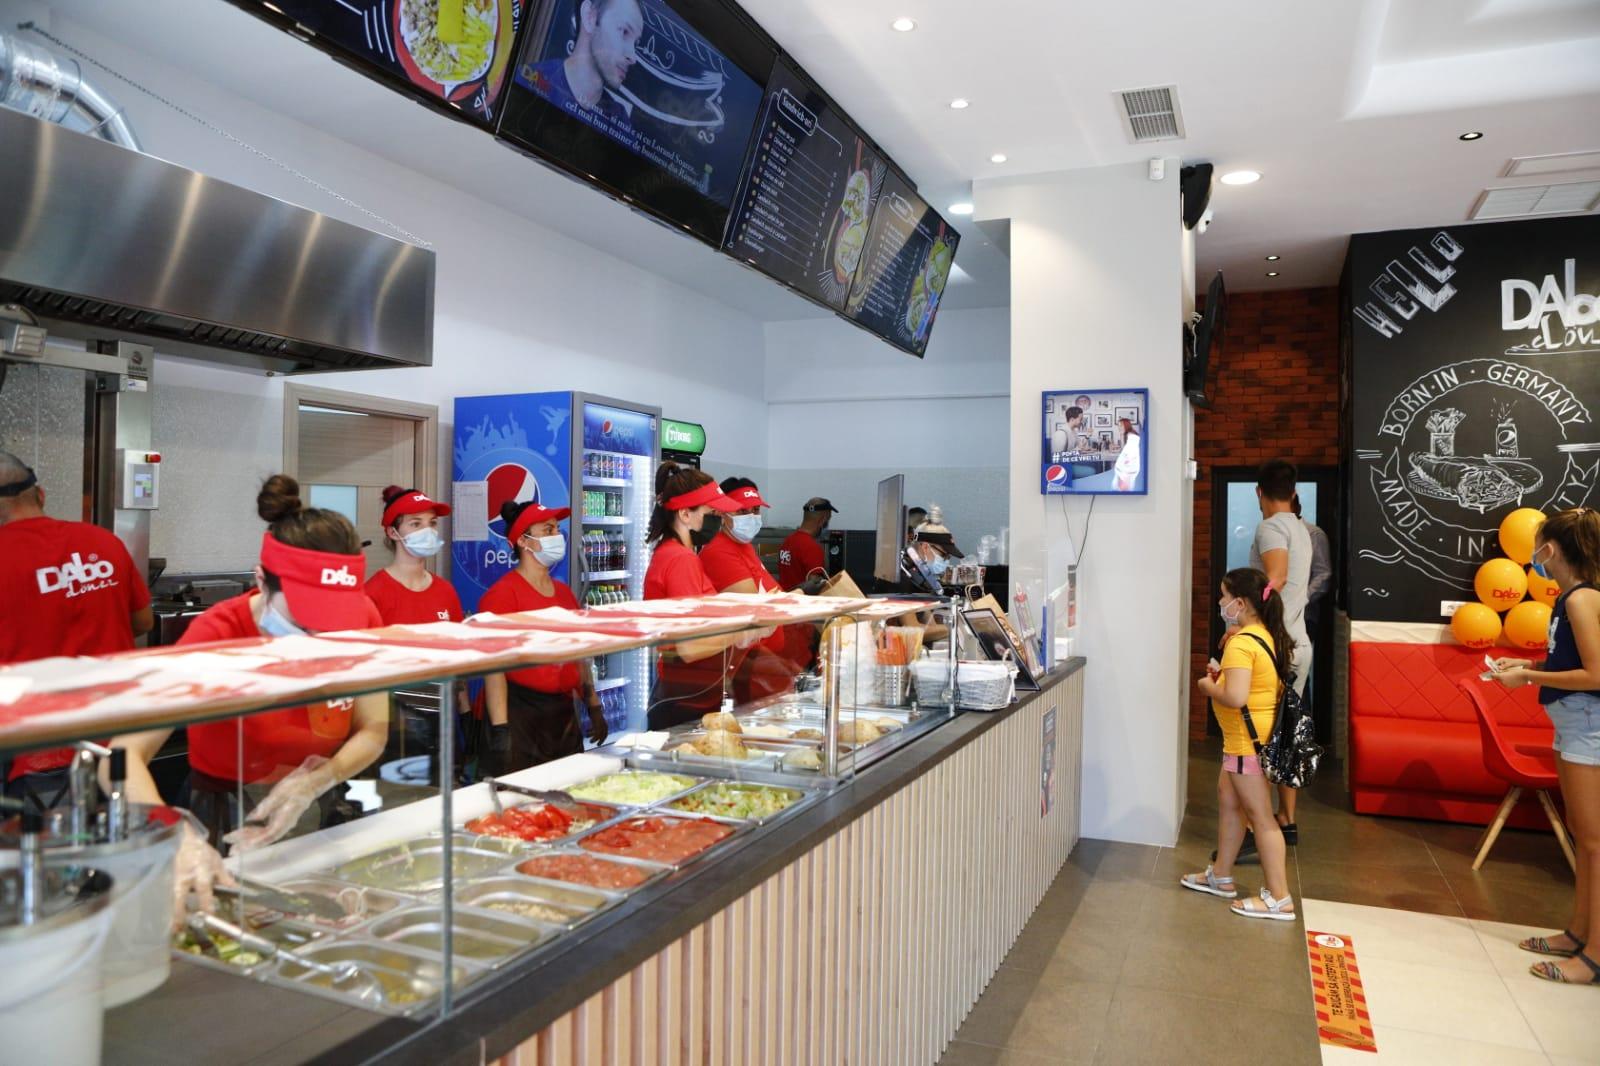 DAbo Doner ajunge la 52 de unități, dupa ce a deschis 4 restaurante doar în ultima săptămână. Franciza continuă expansiunea, în pofida pandemiei